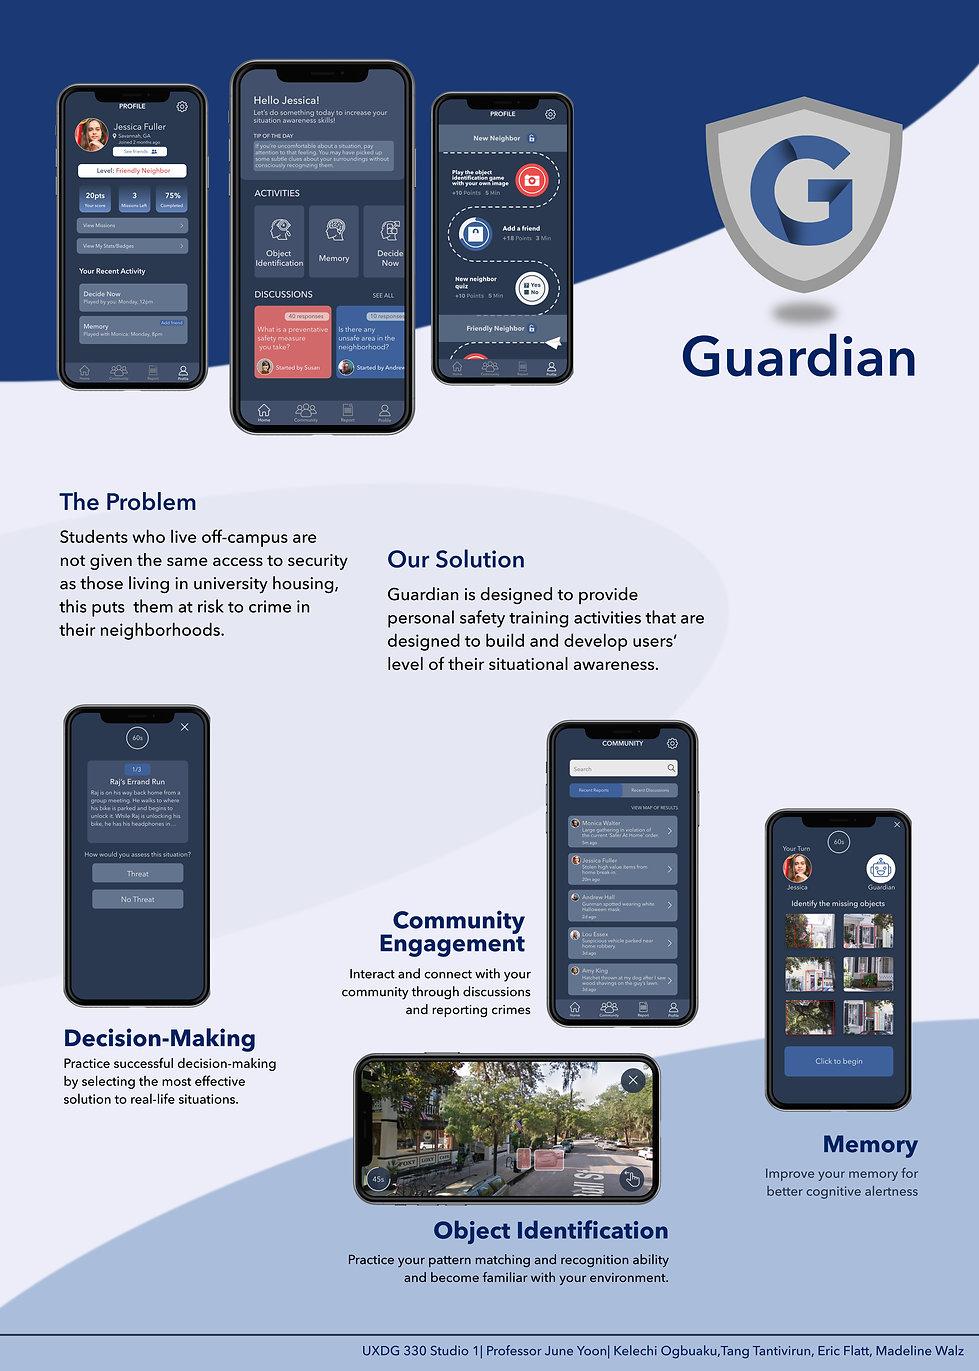 4_202030_UXDG330-01_30180_Guardian_Poste